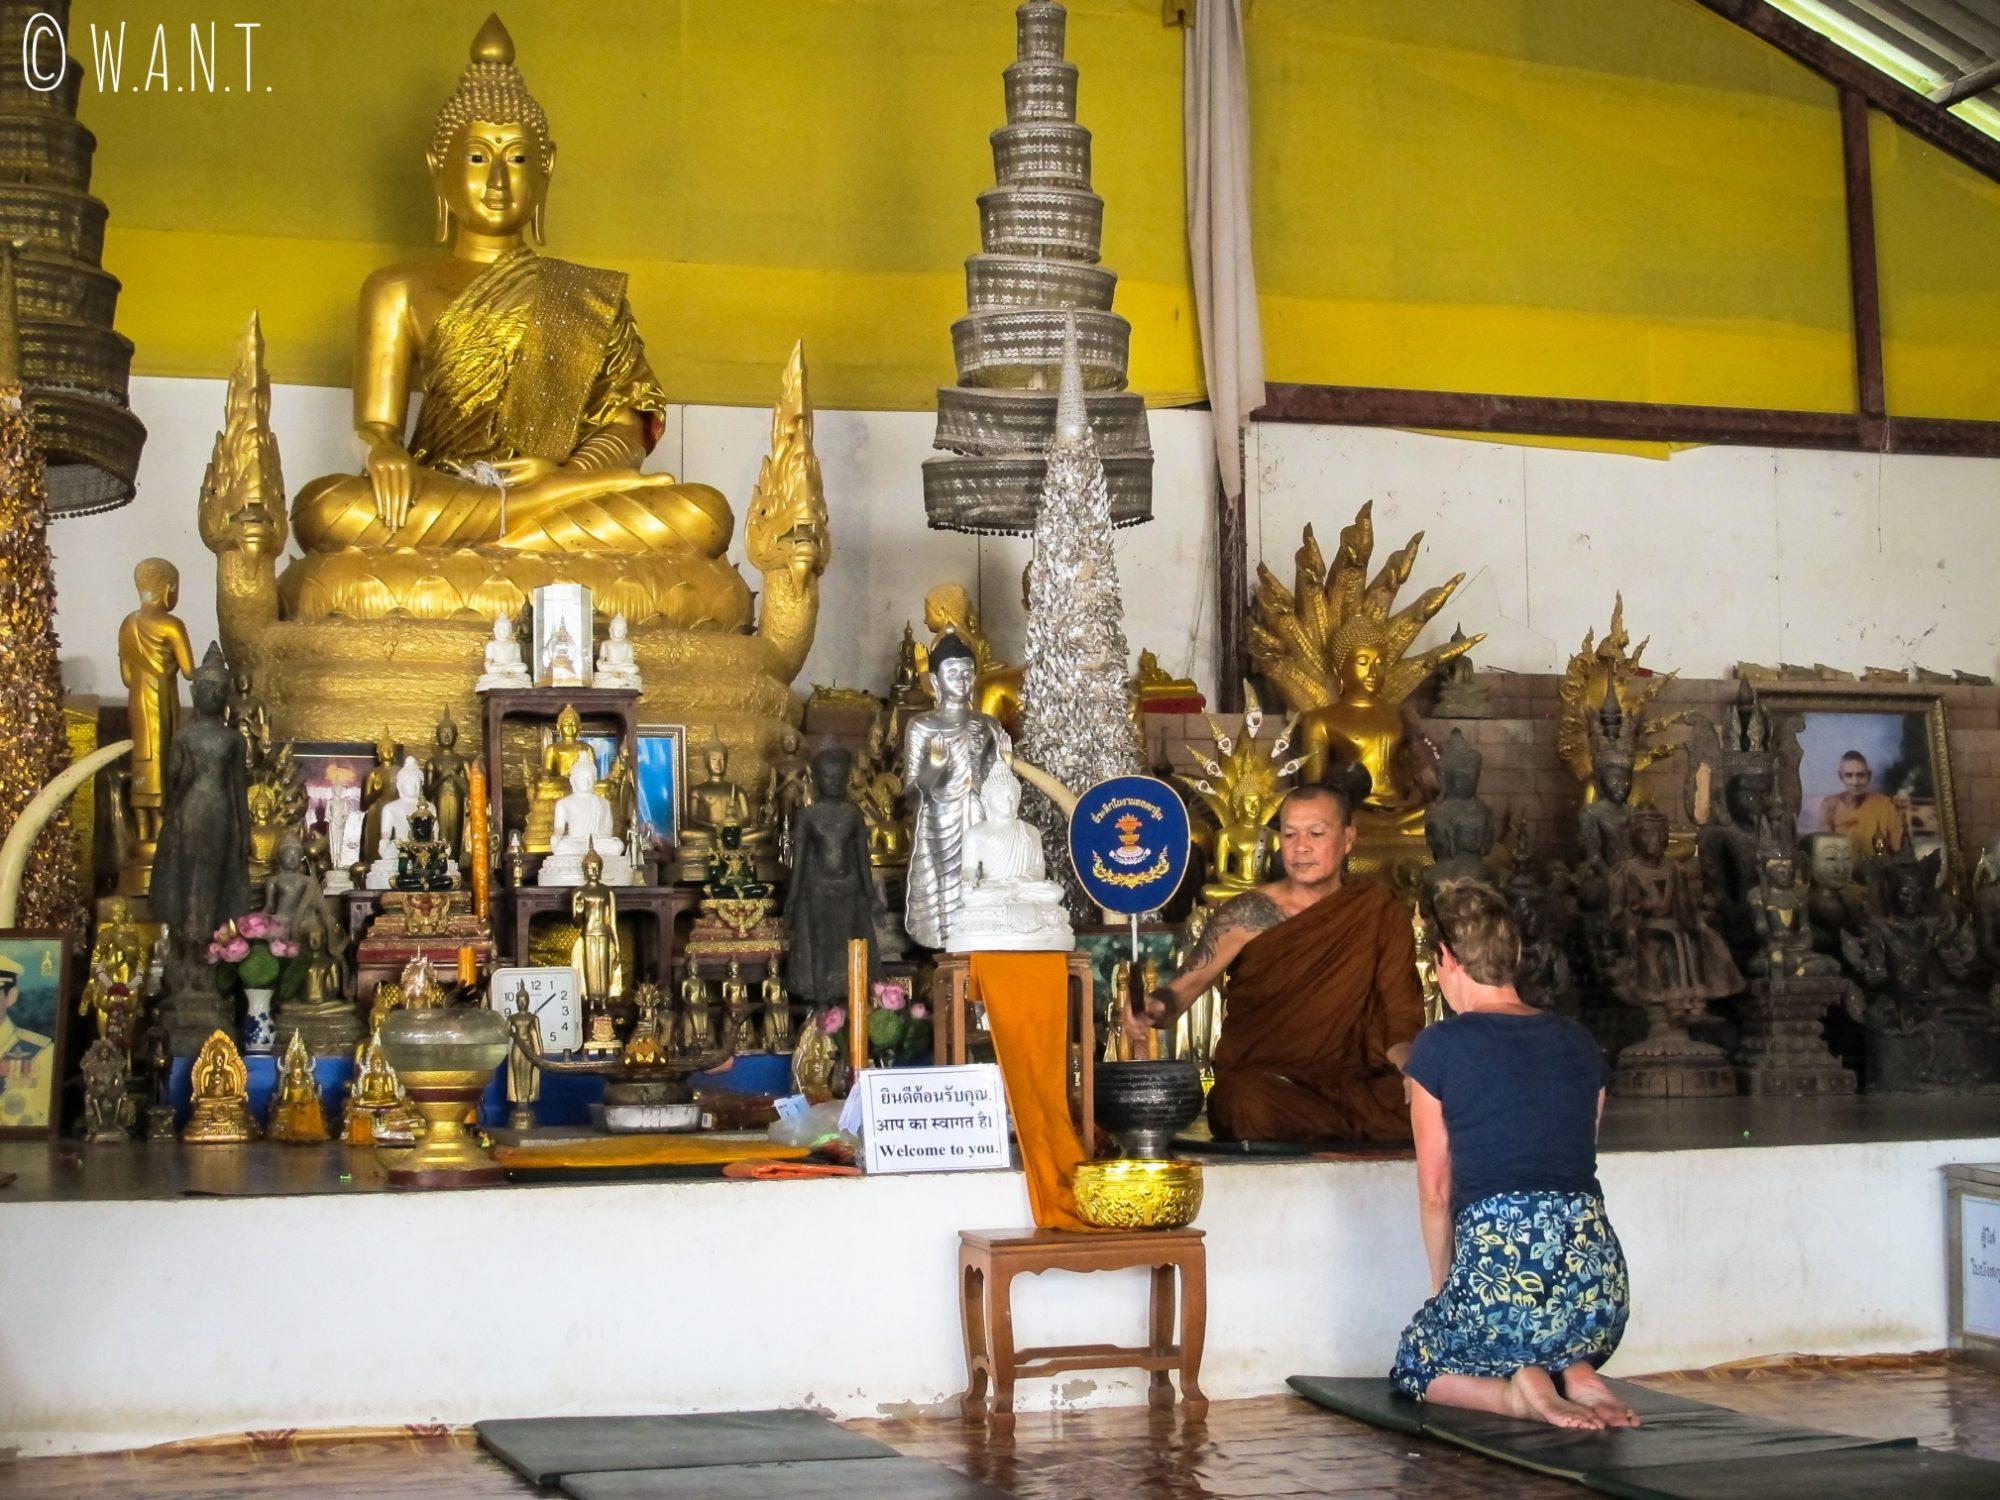 Colette se fait bénir par un moine au temple du Big Bouddha de Phuket